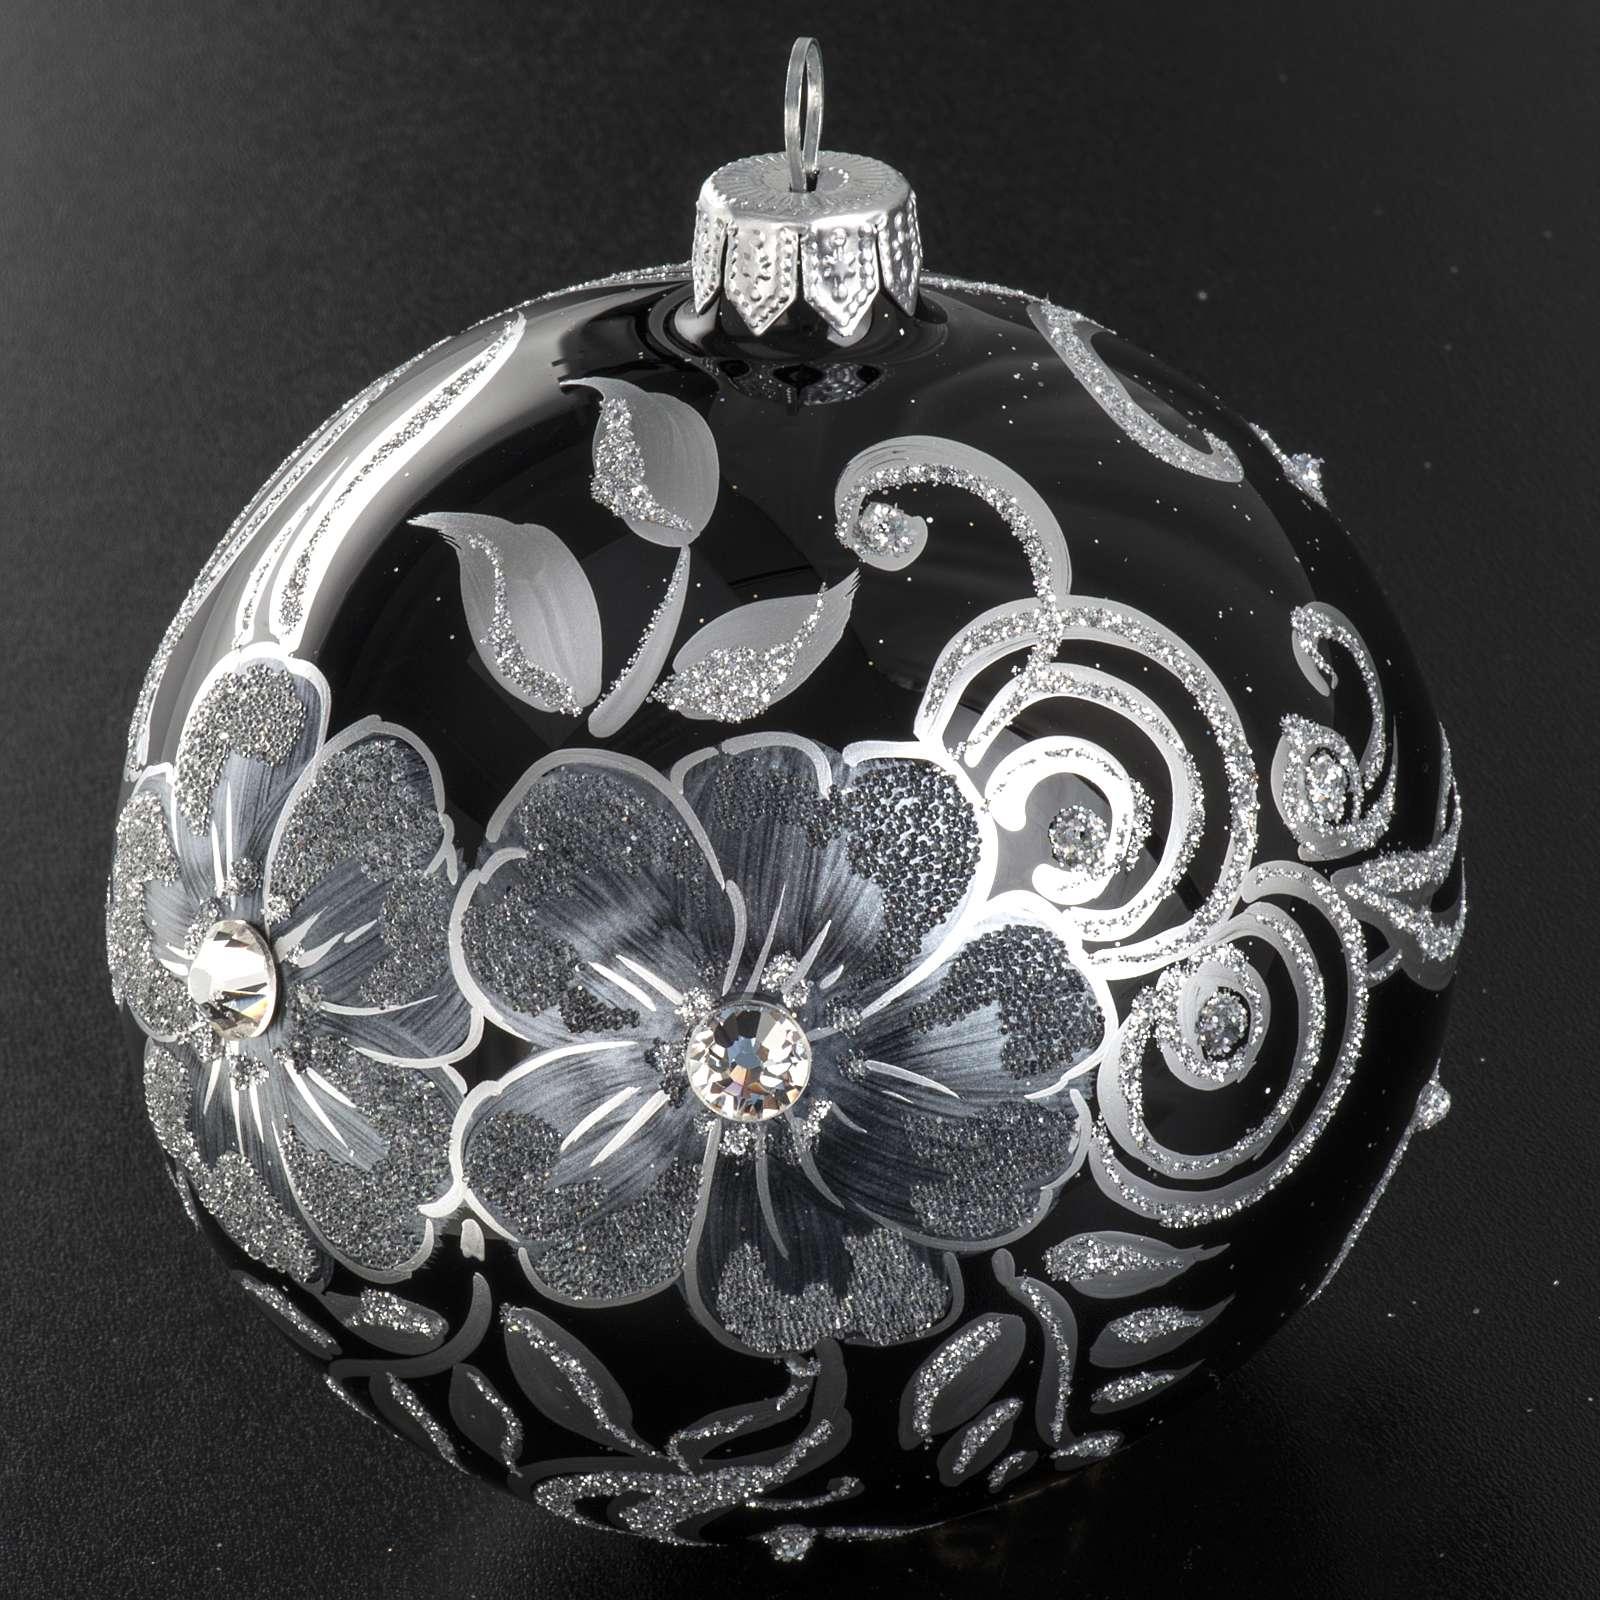 Adorno árbol de Navidad esfera vidrio negro plateado 10 c 4